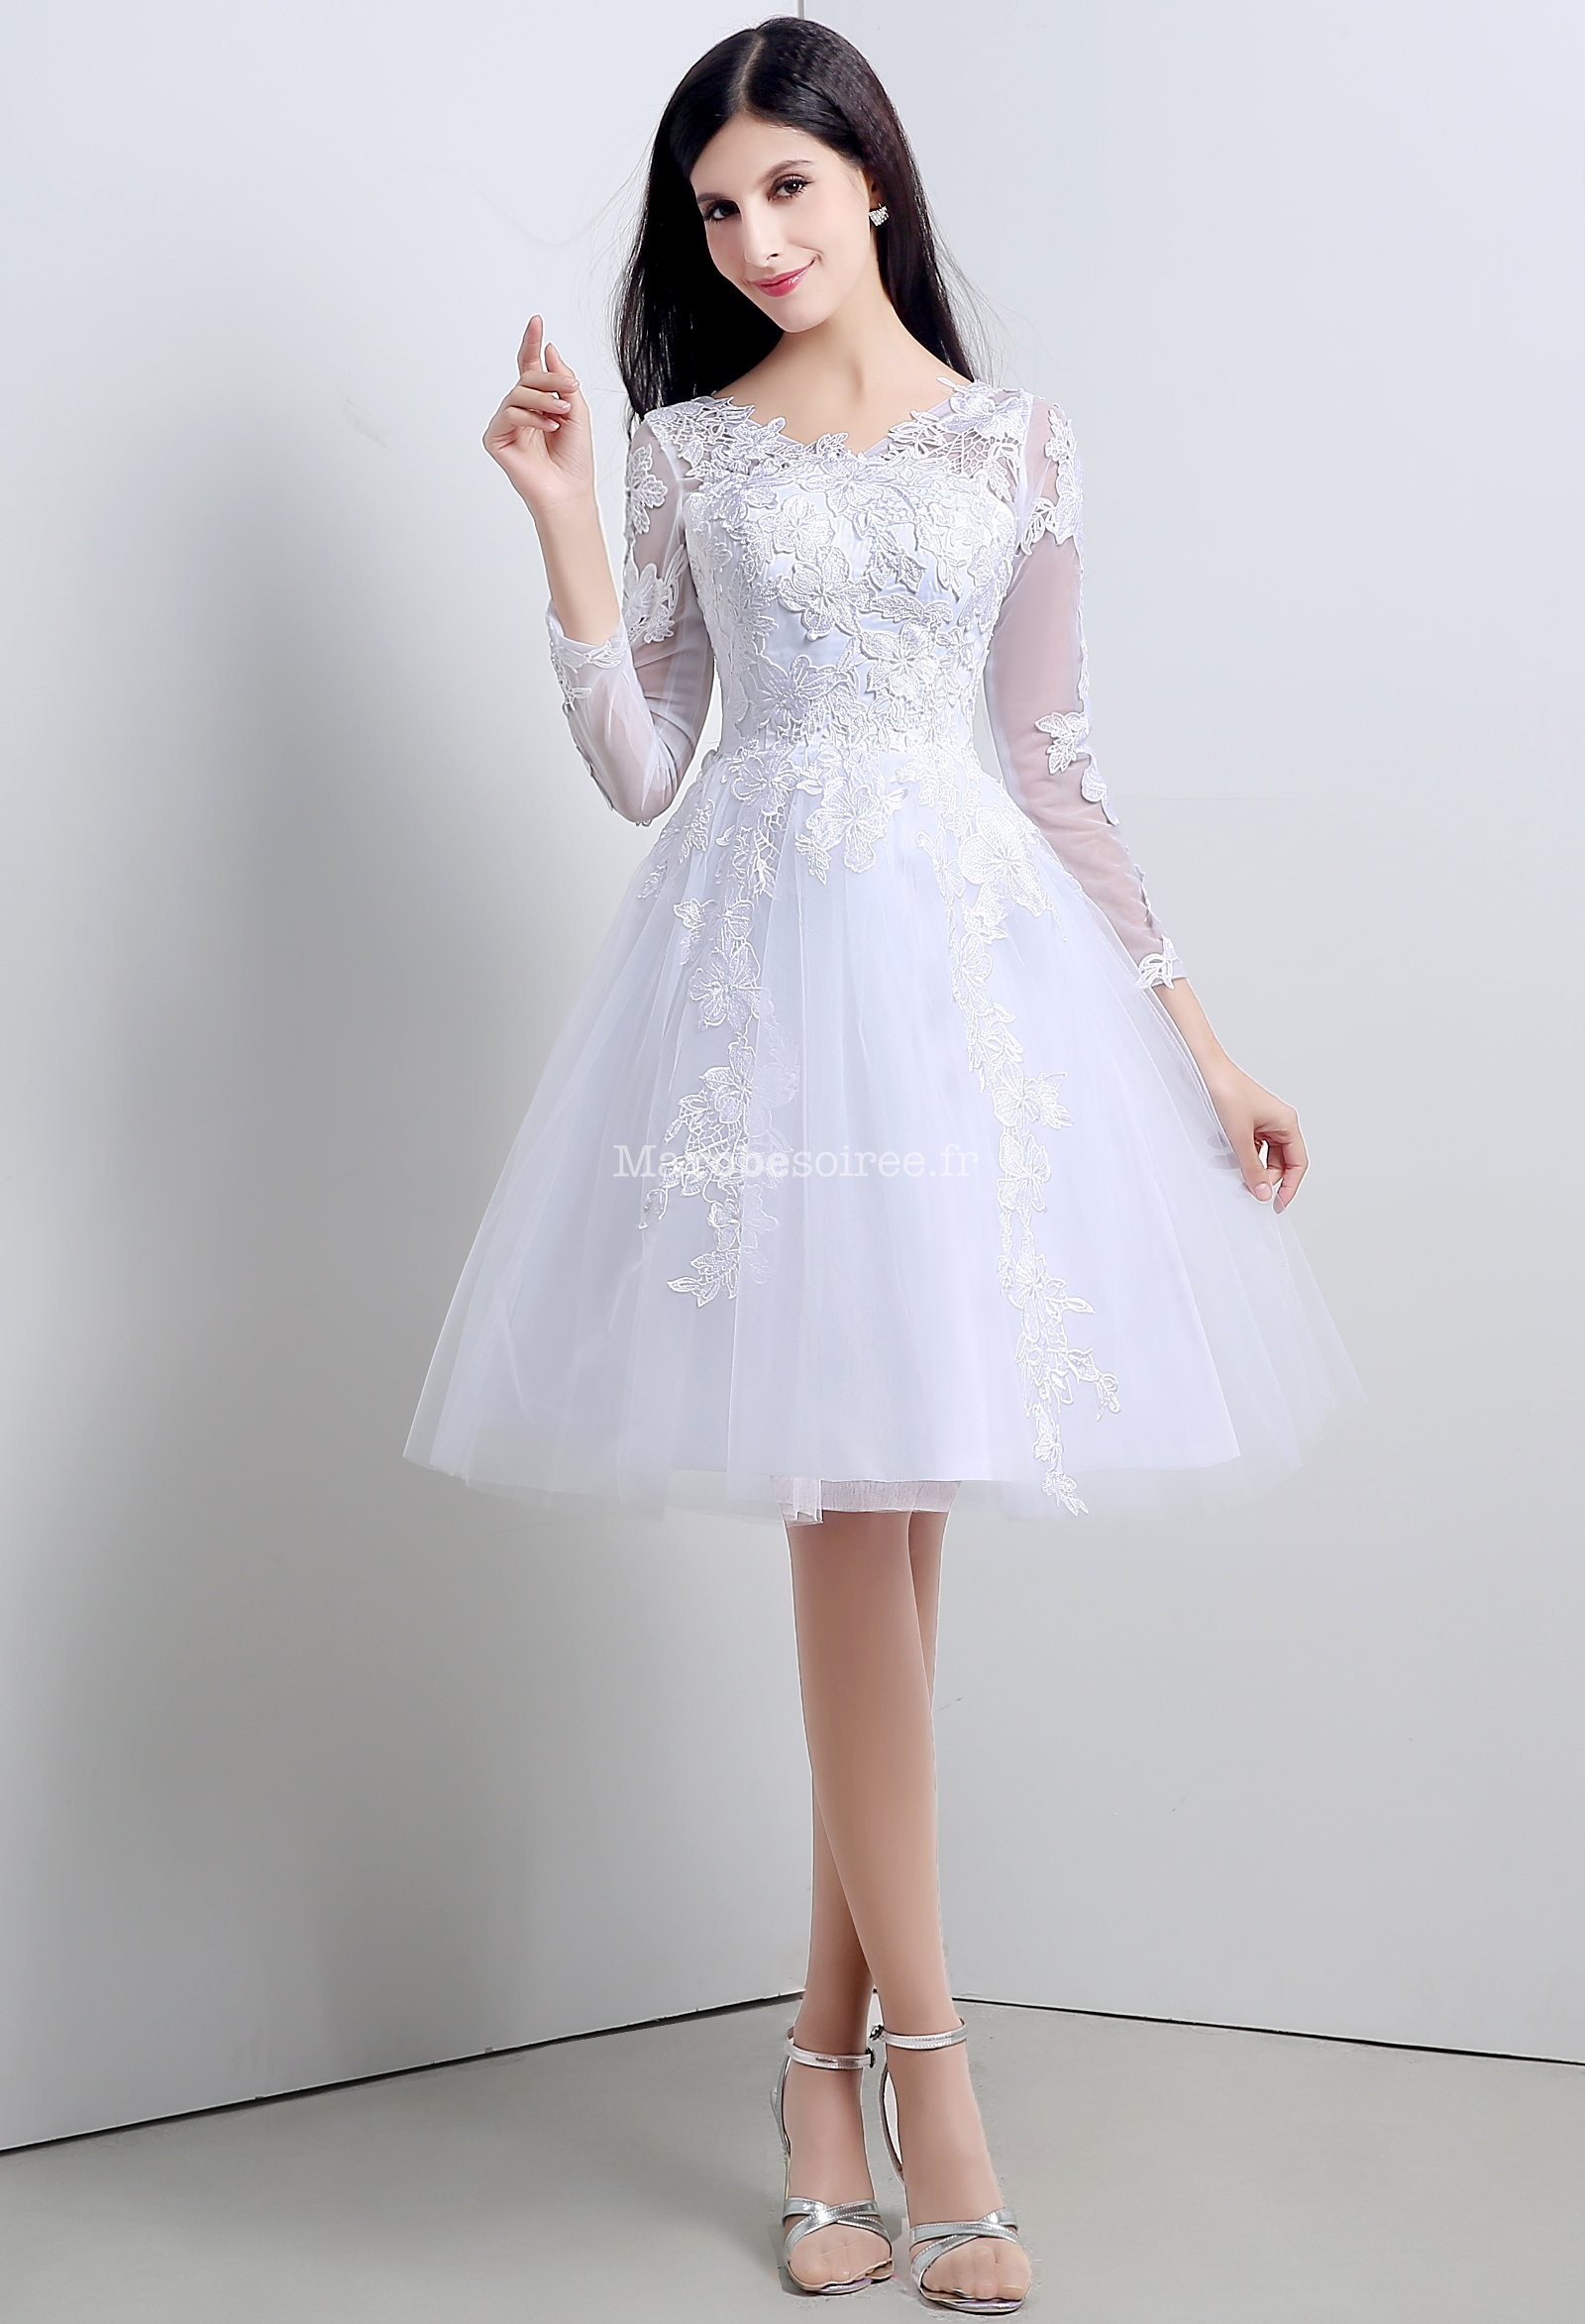 Modele robe courte en dentelle